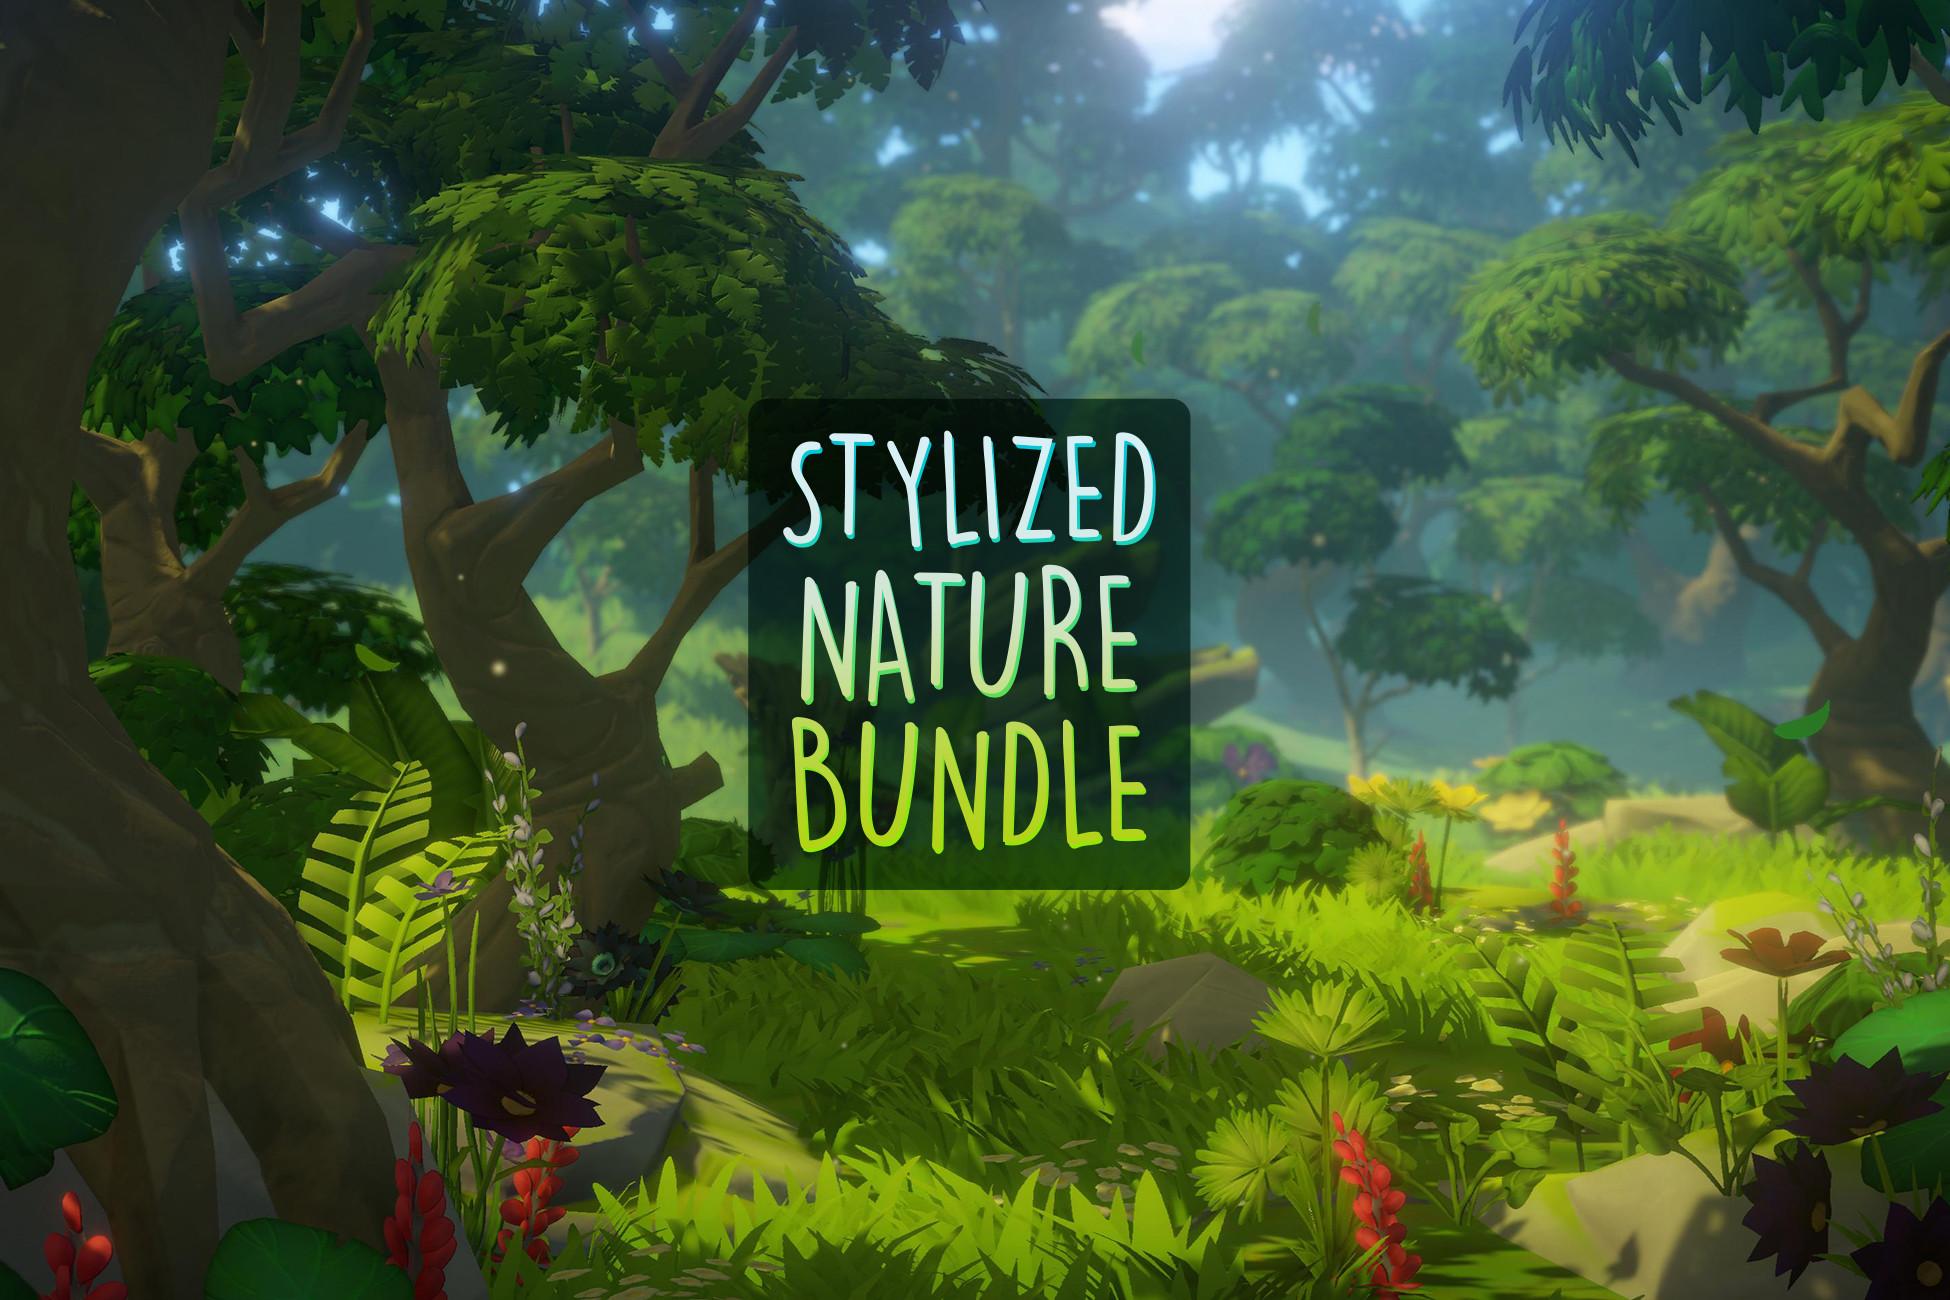 Stylized Nature Bundle